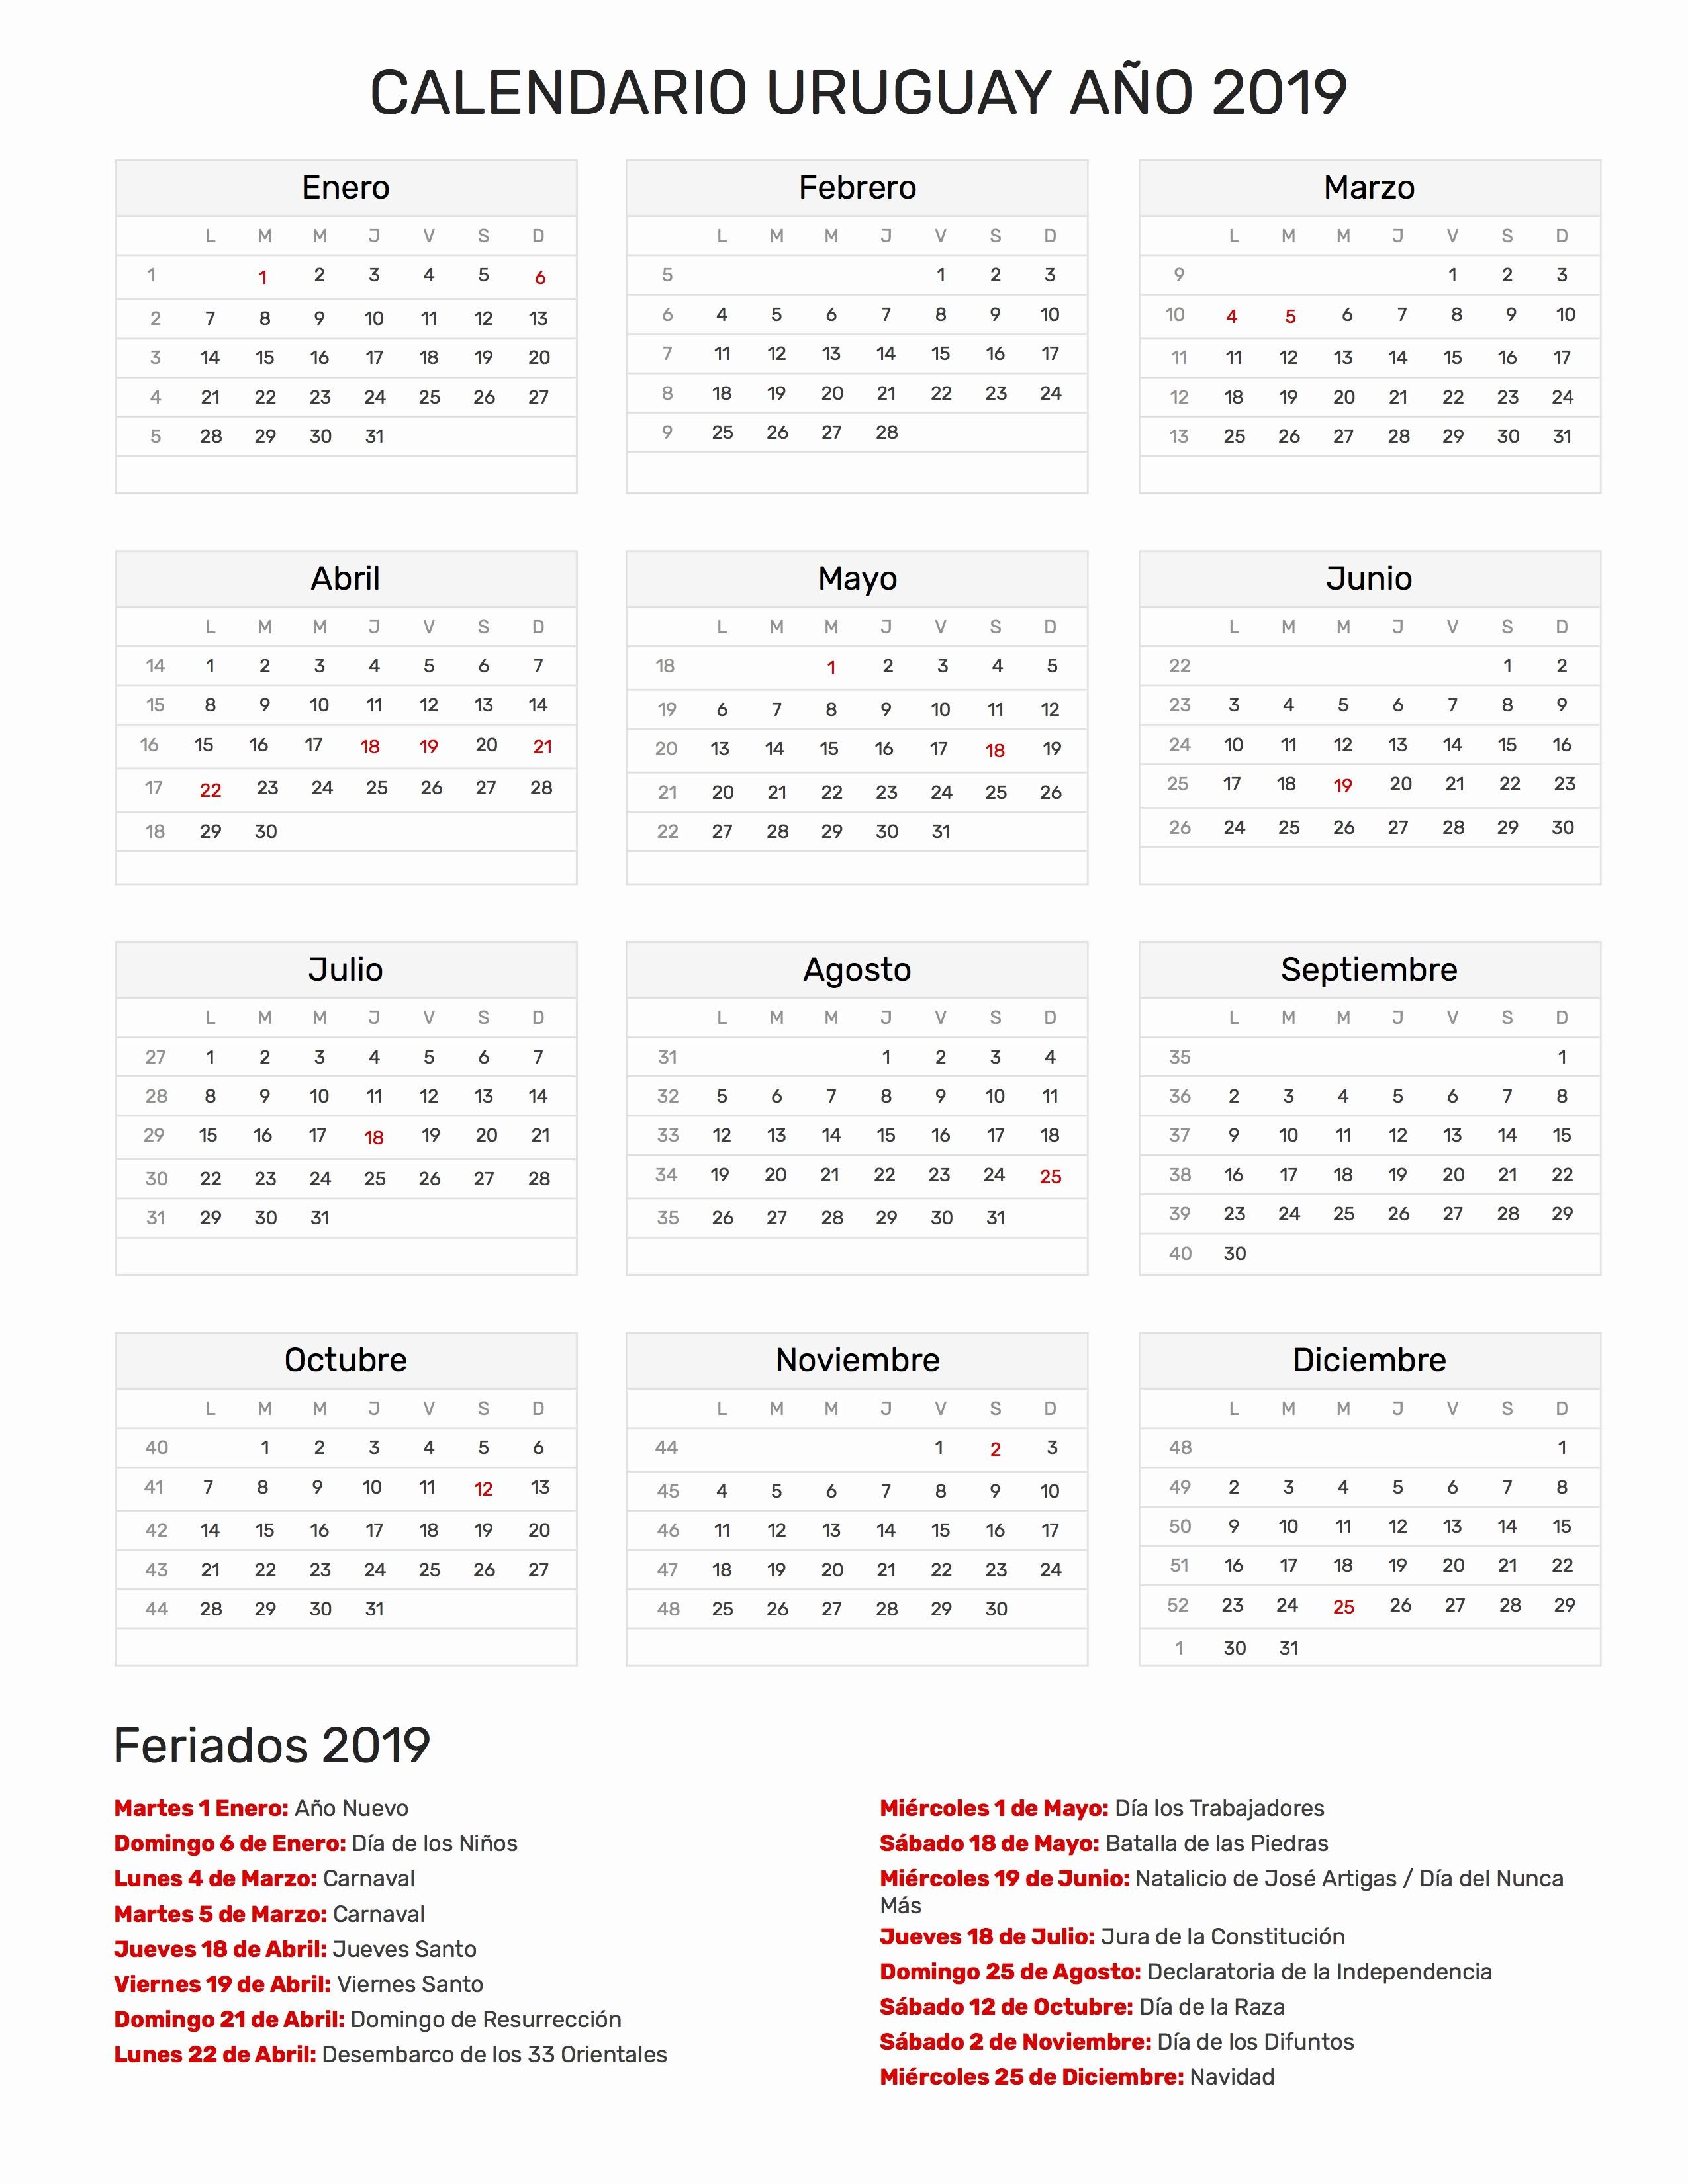 Calendario Estaciones Del A±o 2019 Calendario Uruguay Ano 2019 Feriados